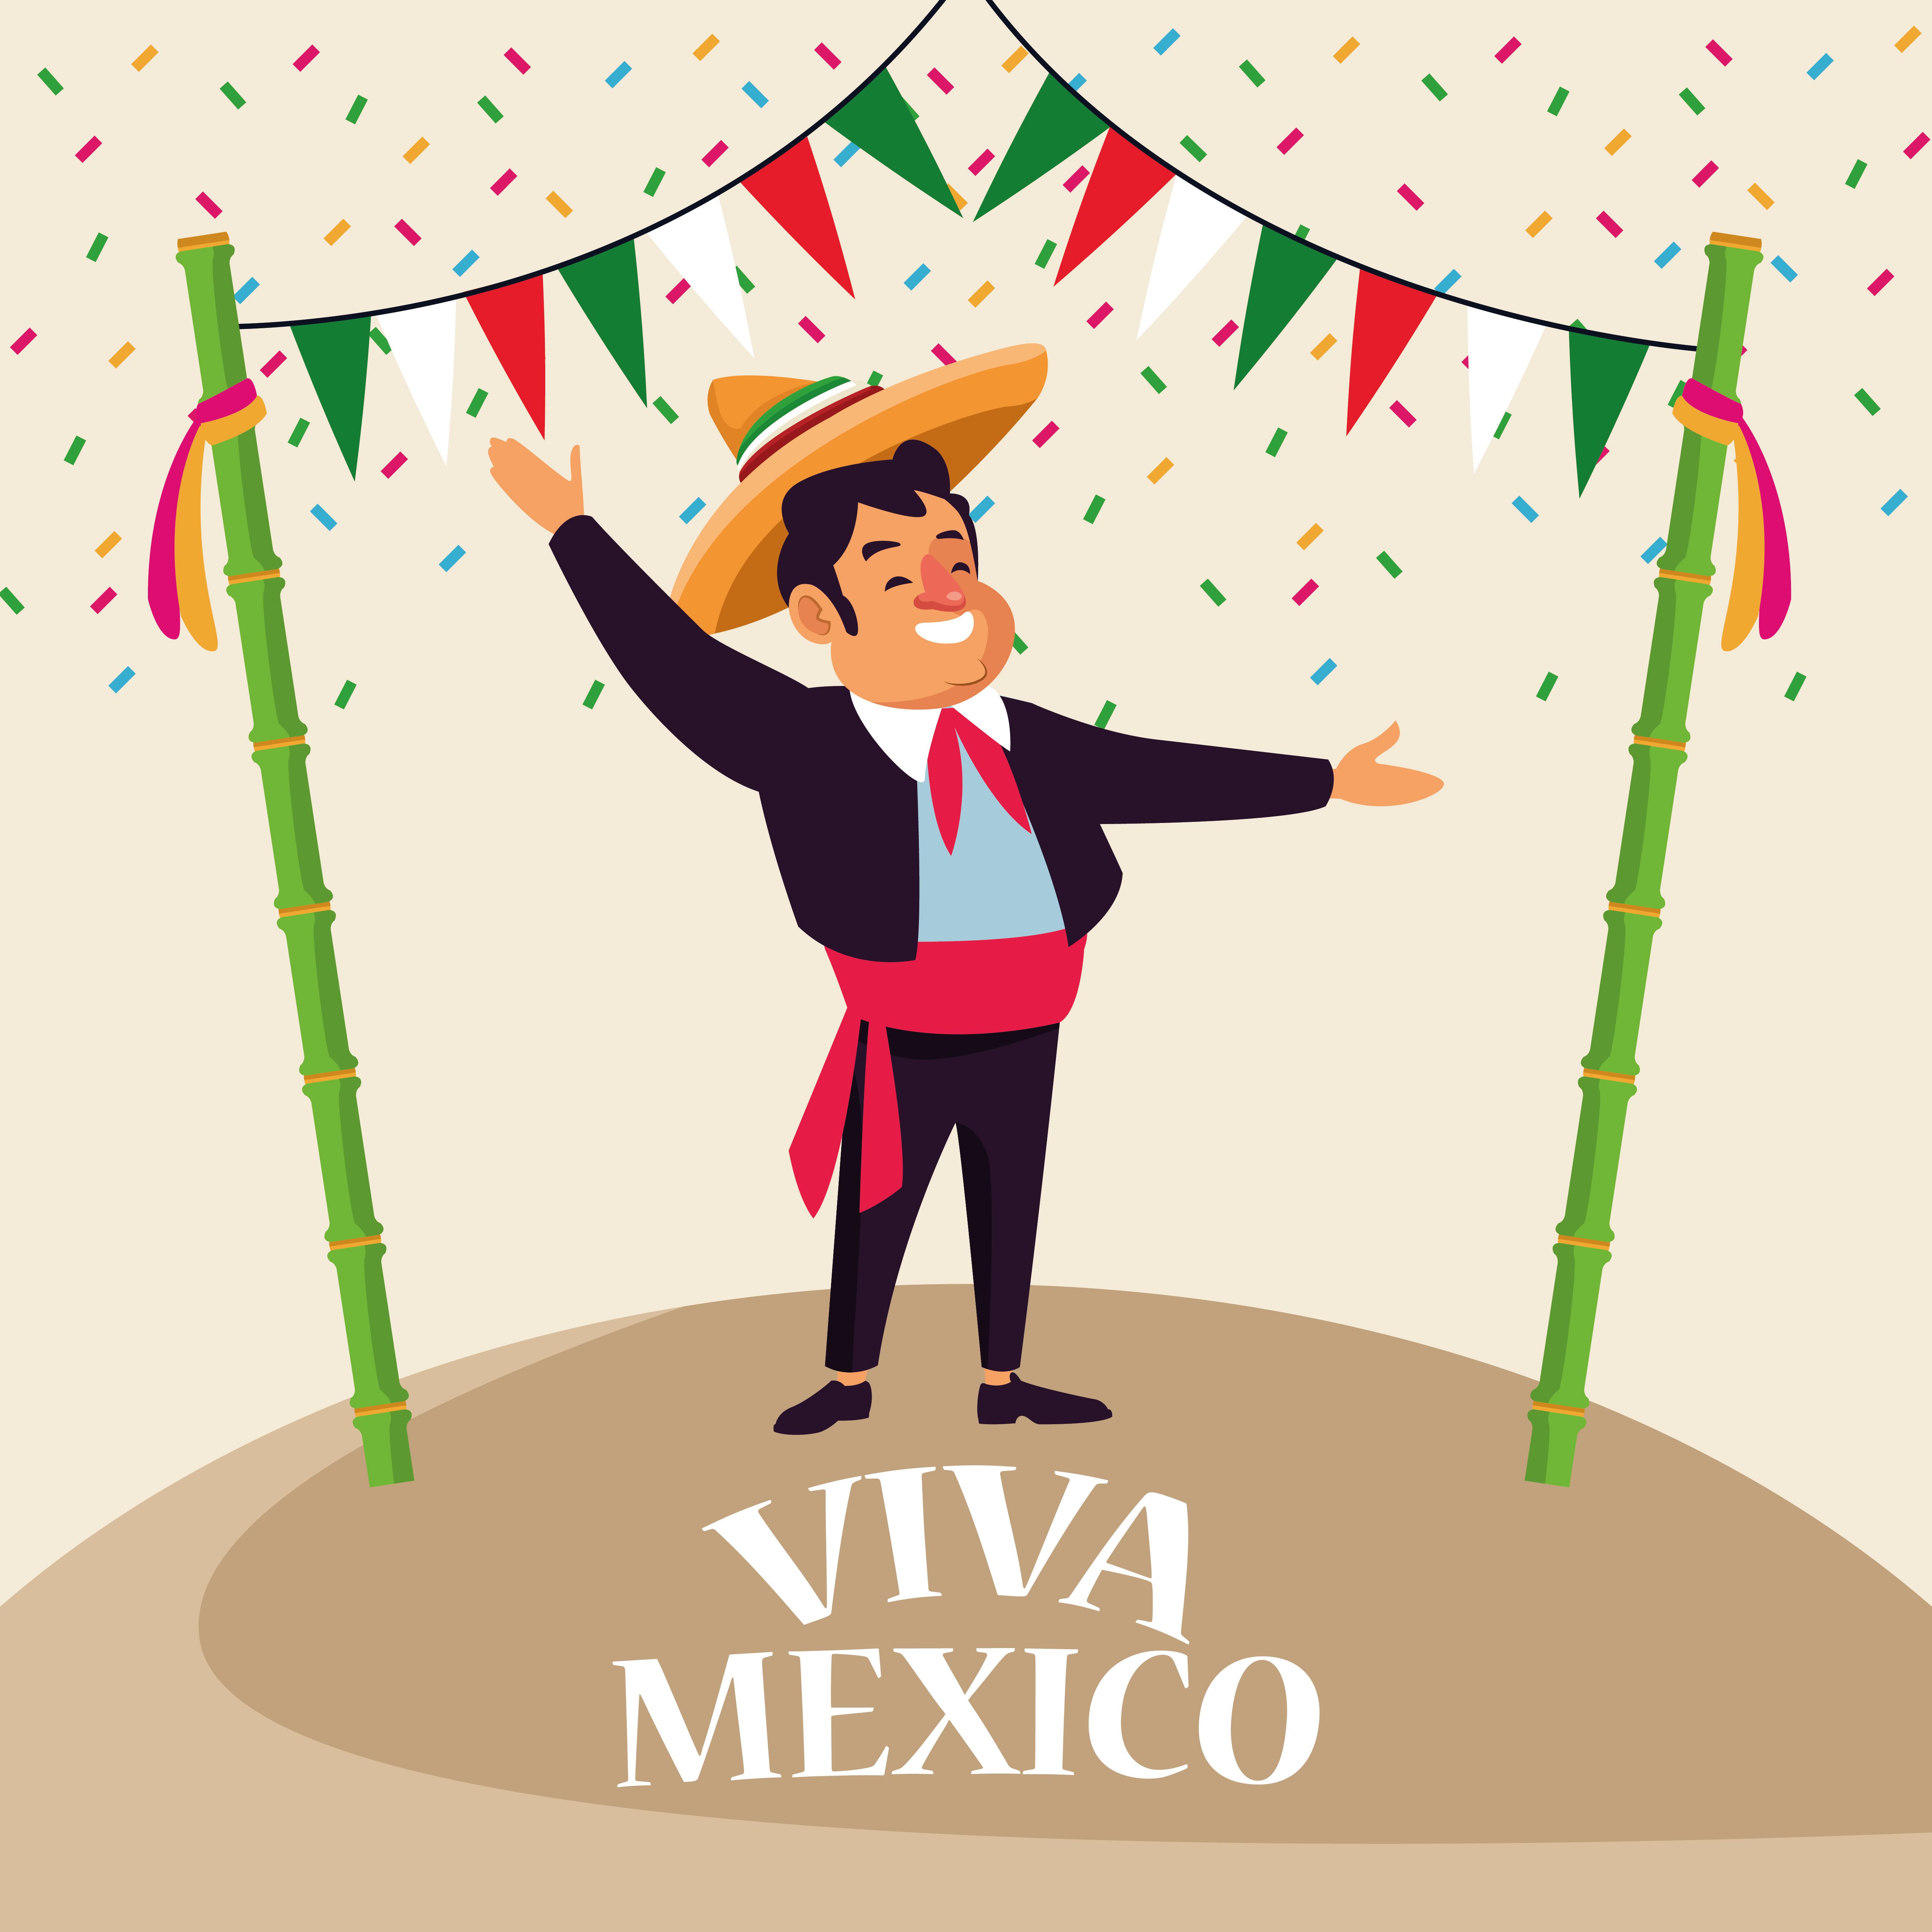 Viva Mexico Cartoons Download Free Vectors Clipart Graphics Vector Art